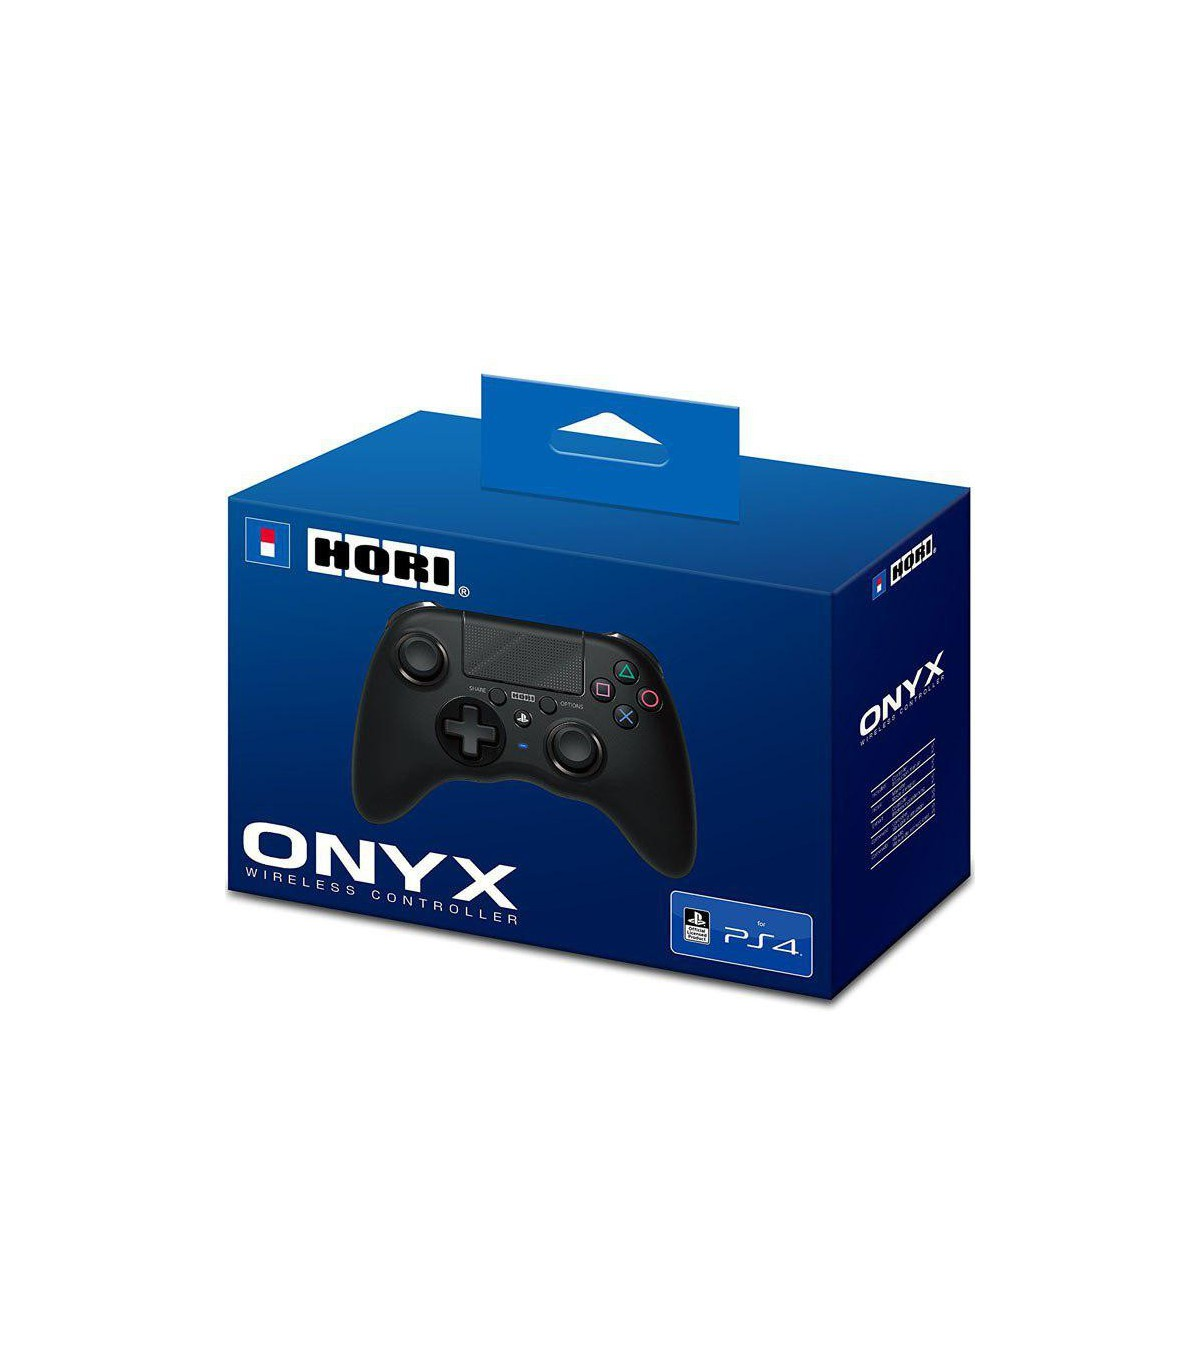 دسته بازی Hori Onyx برای PS4 - پلی استیشن ۴